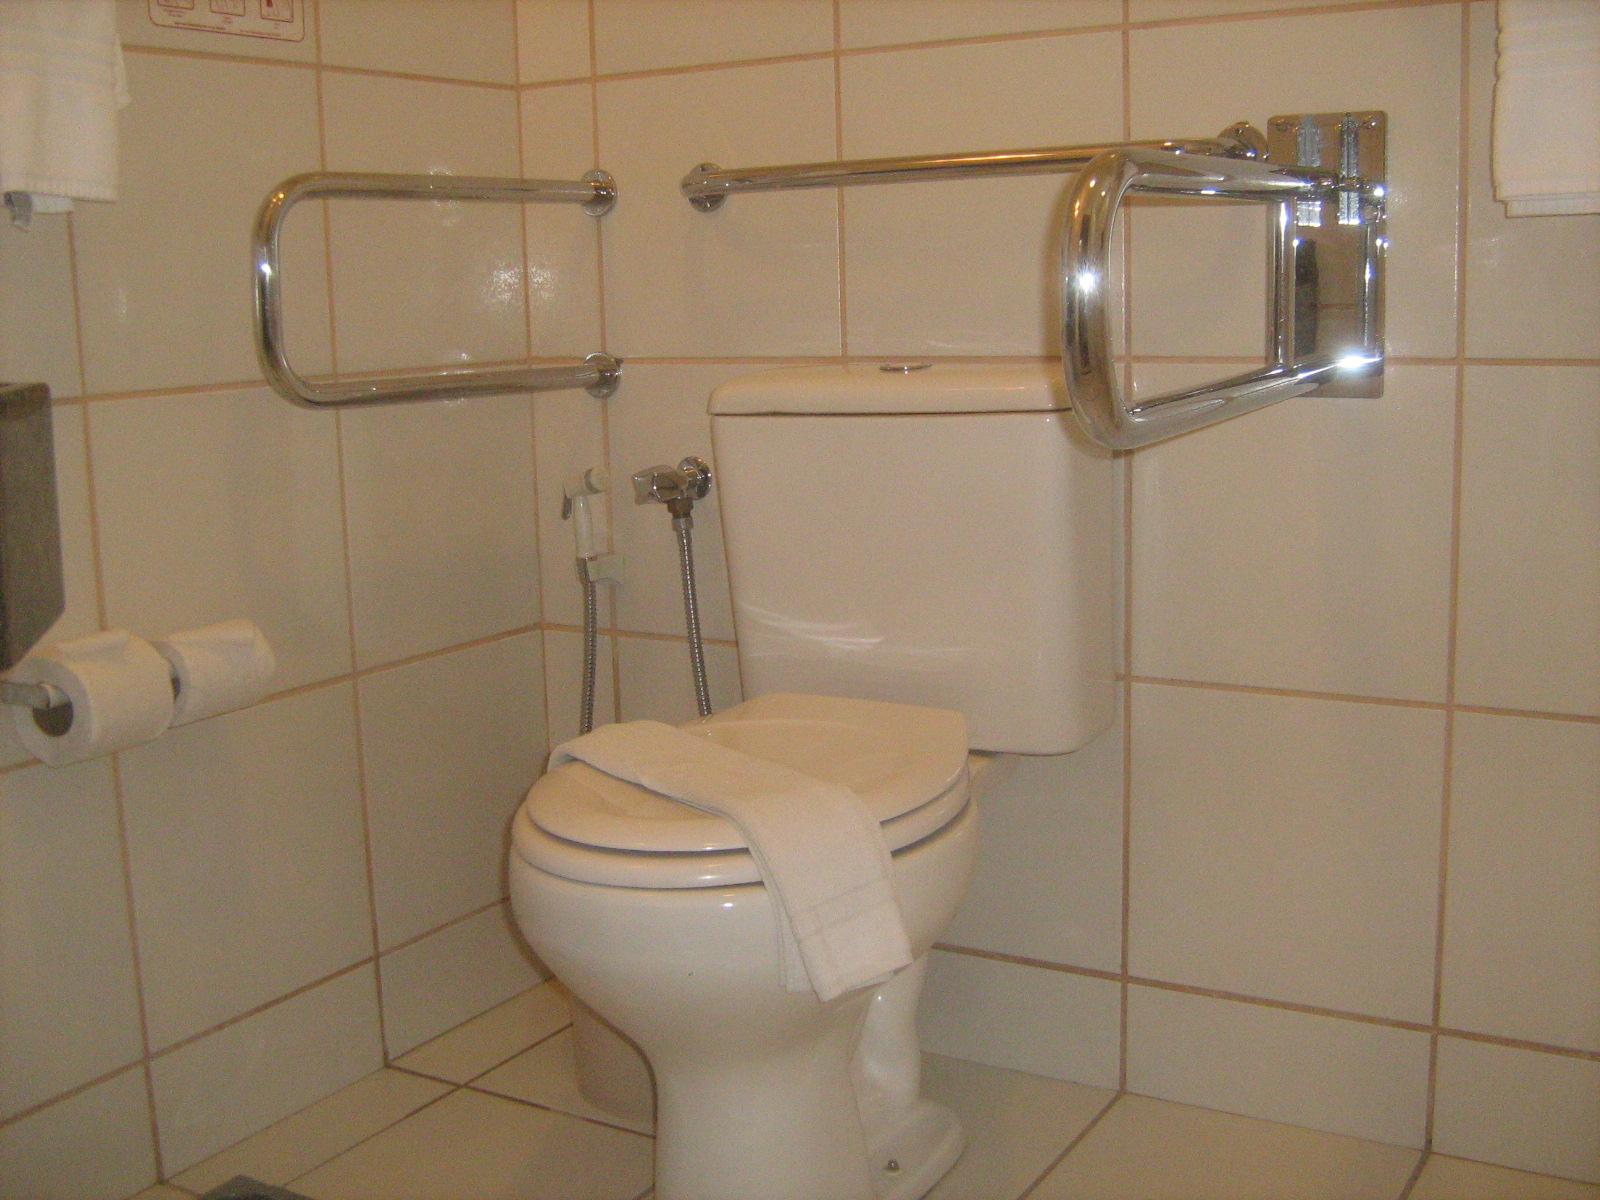 VIAJANTE ESPECIAL: Hotel Maredomus Fortaleza CE #956836 1600x1200 Banheiro Adaptado Com Chuveiro